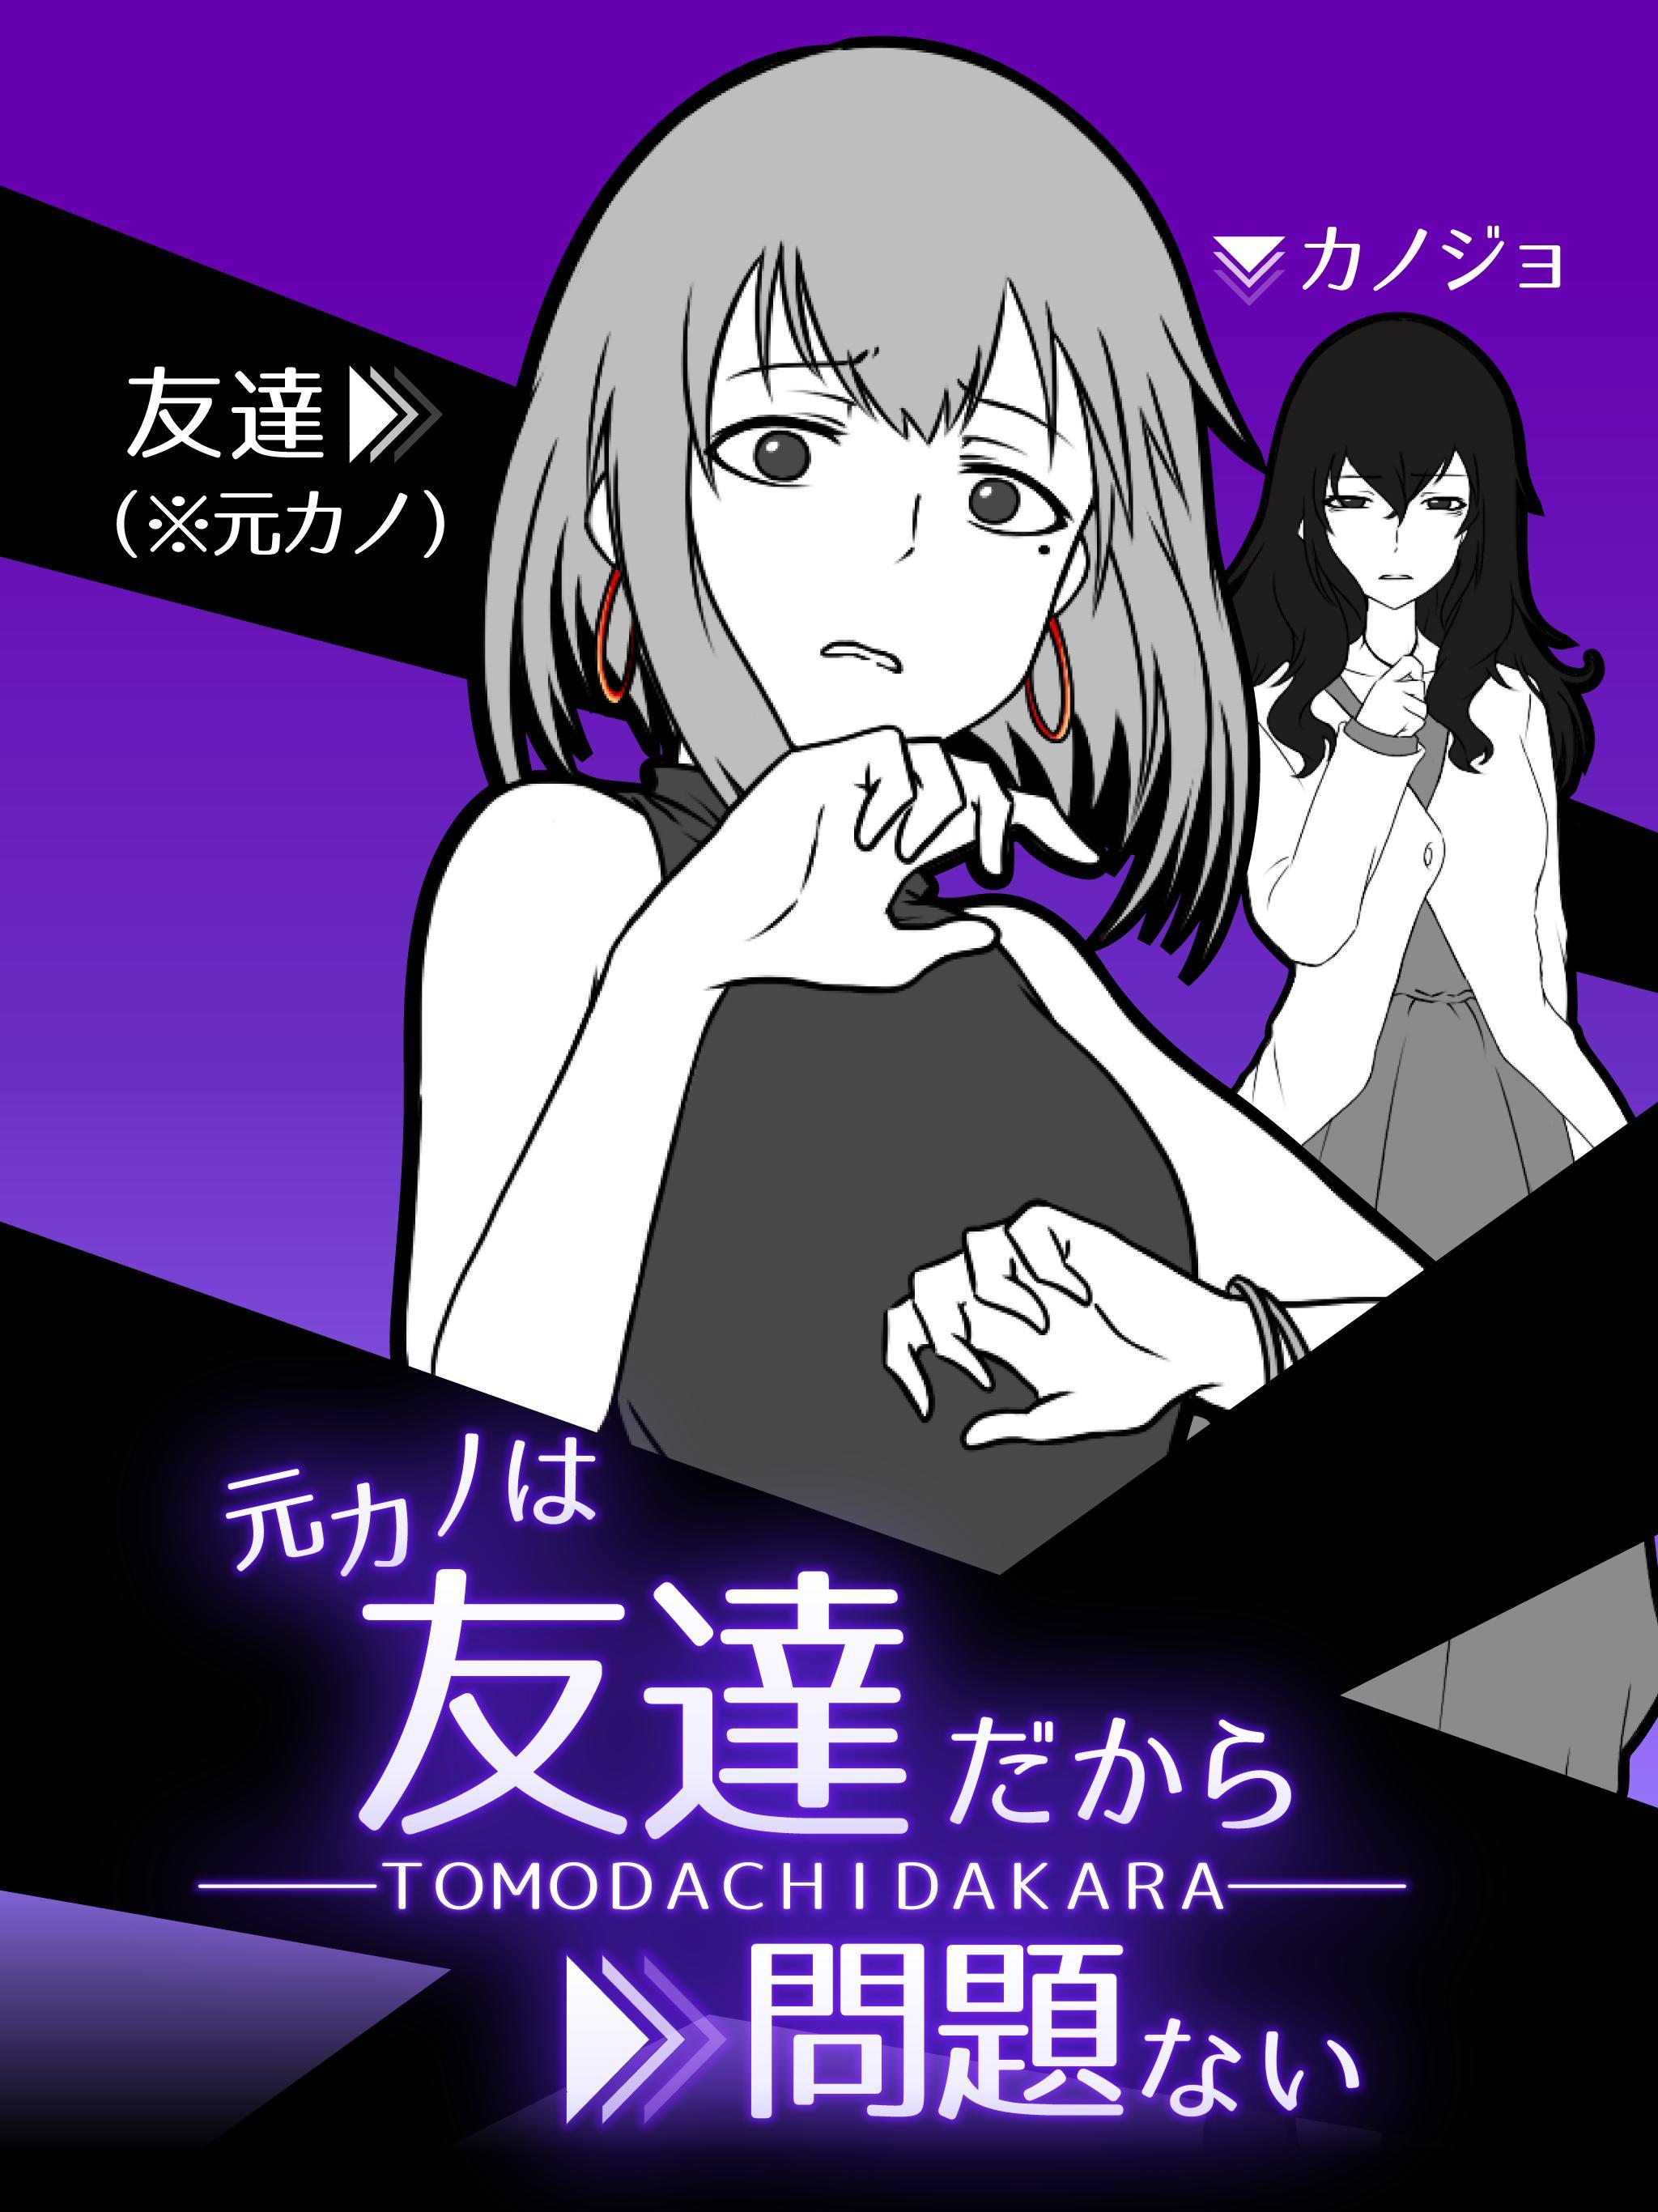 元カノは友達だから問題ない 1.6.0 Screenshot 6